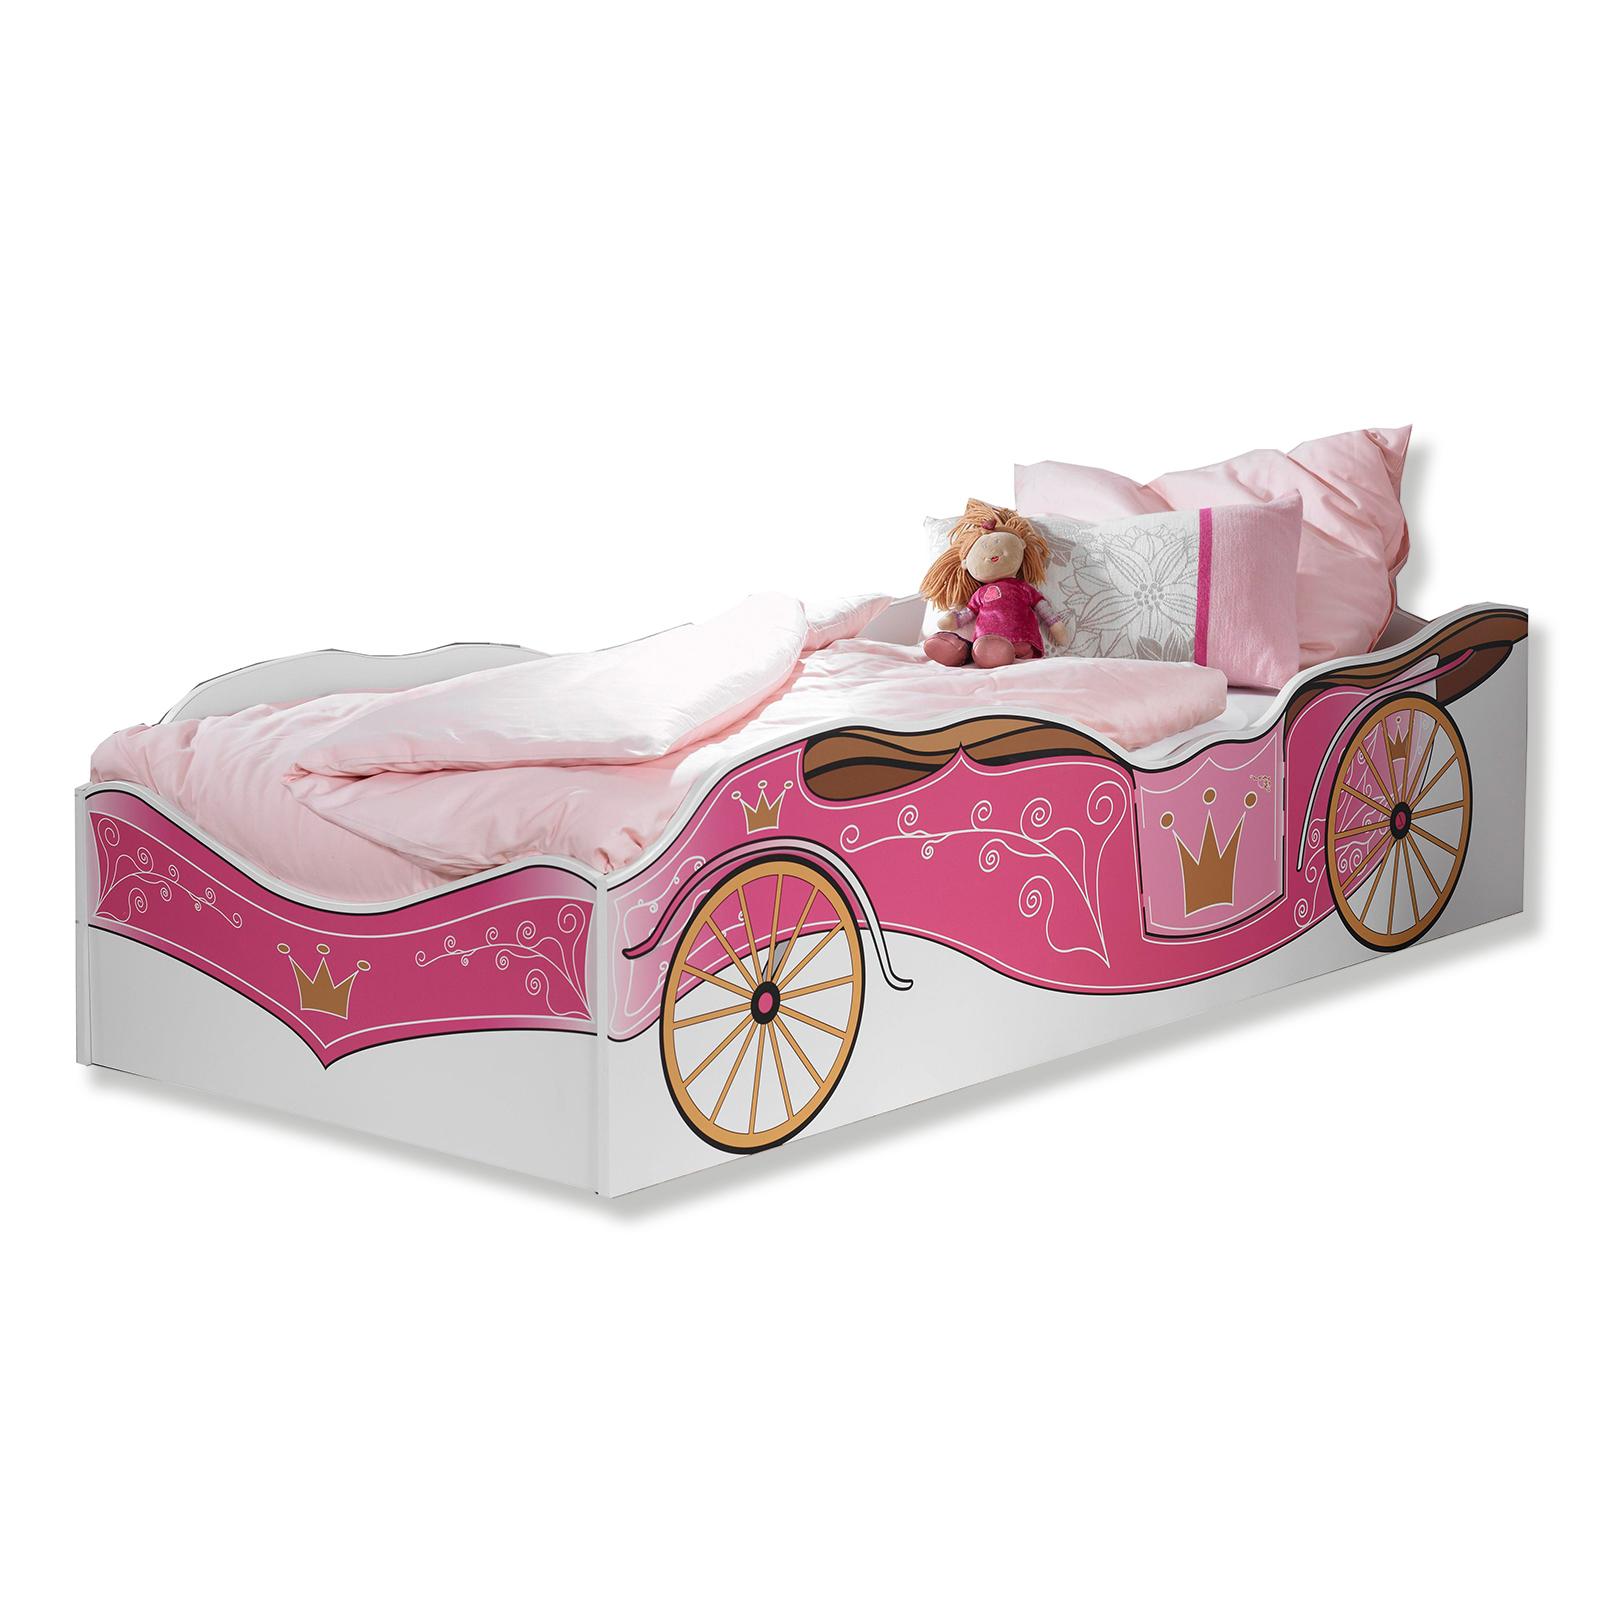 Roller Bett 90x200 : bett wei kutsche 90x200 cm online bei roller kaufen ~ Watch28wear.com Haus und Dekorationen